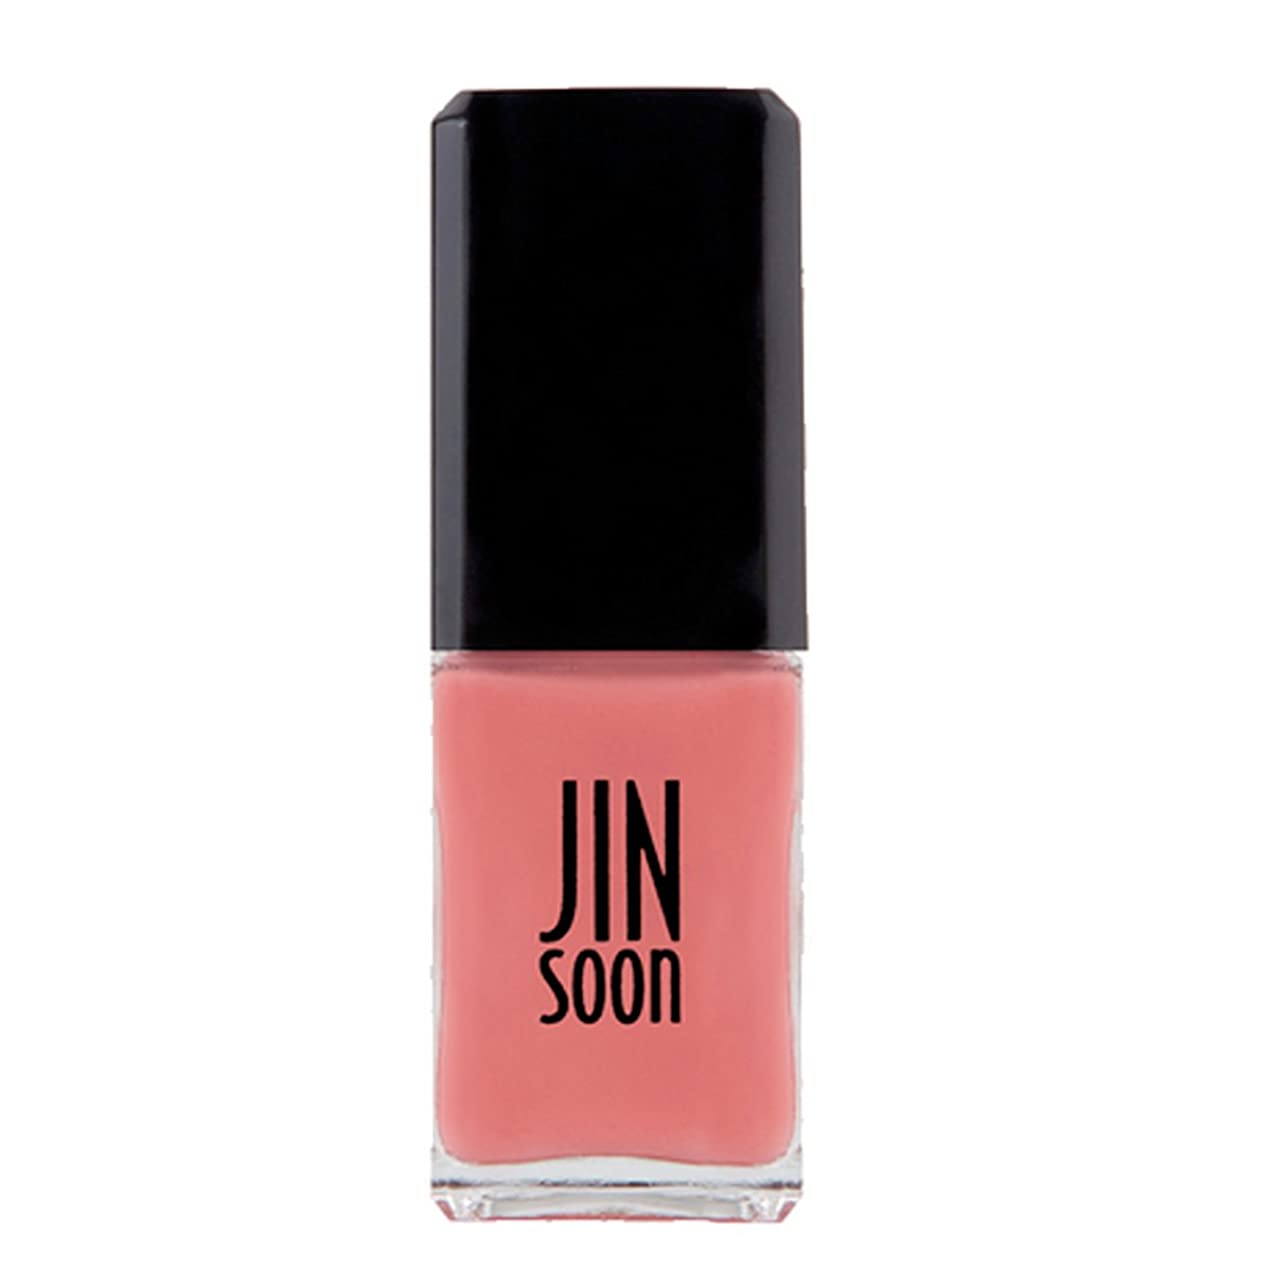 差別化する再撮り補償[ジンスーン] [ jinsoon] ティーローズ(ライト コーラル)TEA ROSE ジンスーン 5フリー ネイルポリッシュ ピンク 11mL